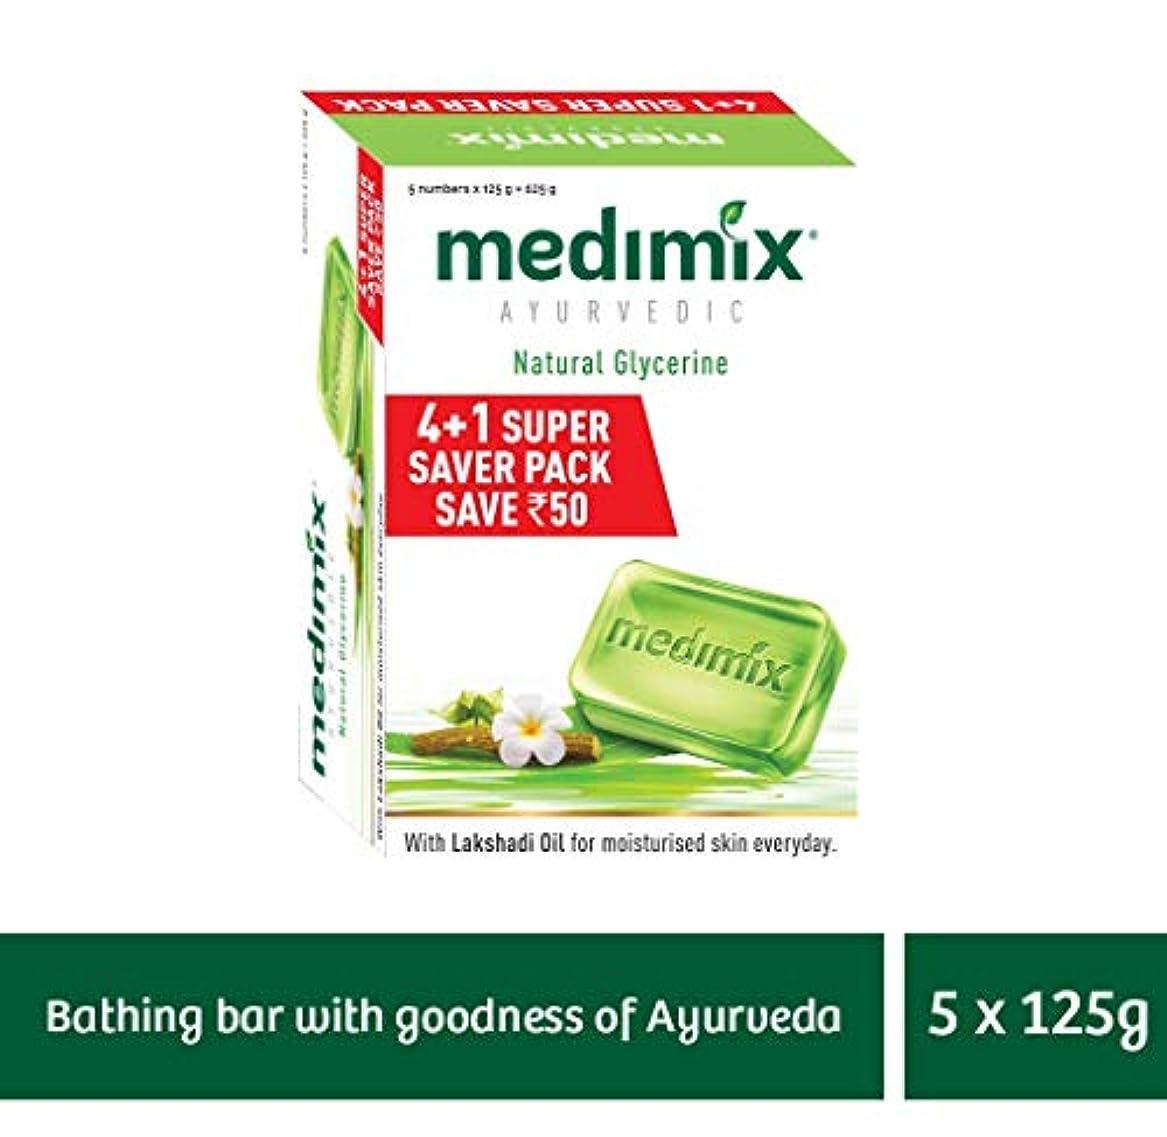 摂氏クラシックコールドMedimix Ayurvedic Glycerine Soap, 125g (4+1 Super Saver Pack)